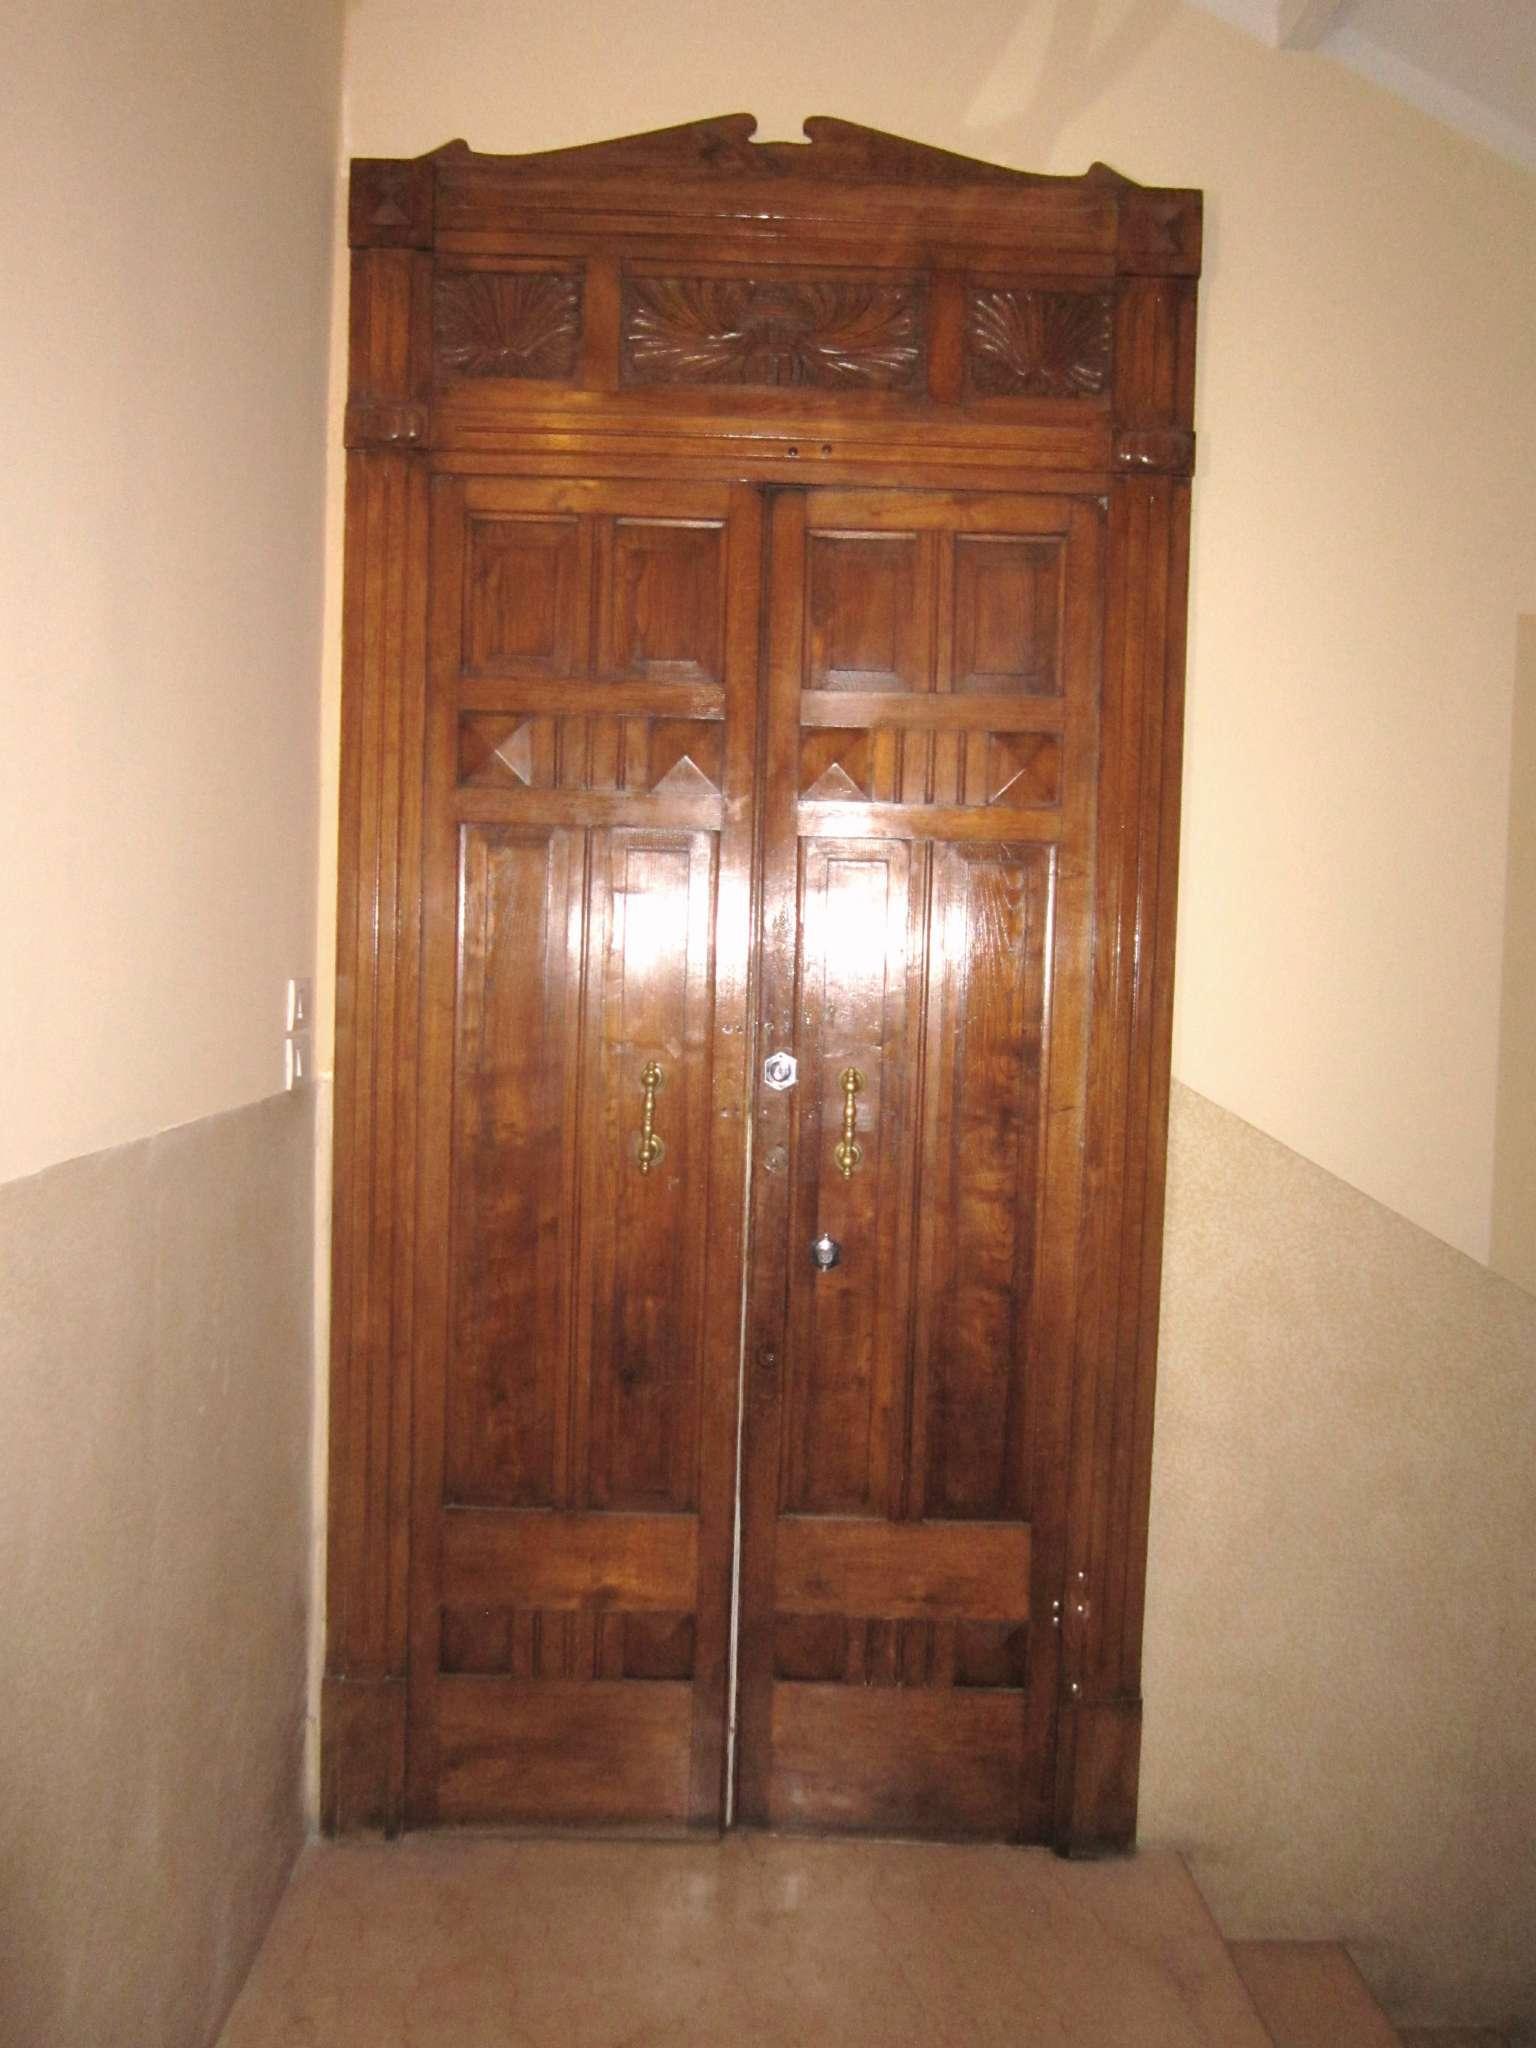 Appartamento in affitto a Verona, 6 locali, zona Zona: 1 . ZTL - Piazza Cittadella - San Zeno - Stadio, prezzo € 1.200 | CambioCasa.it